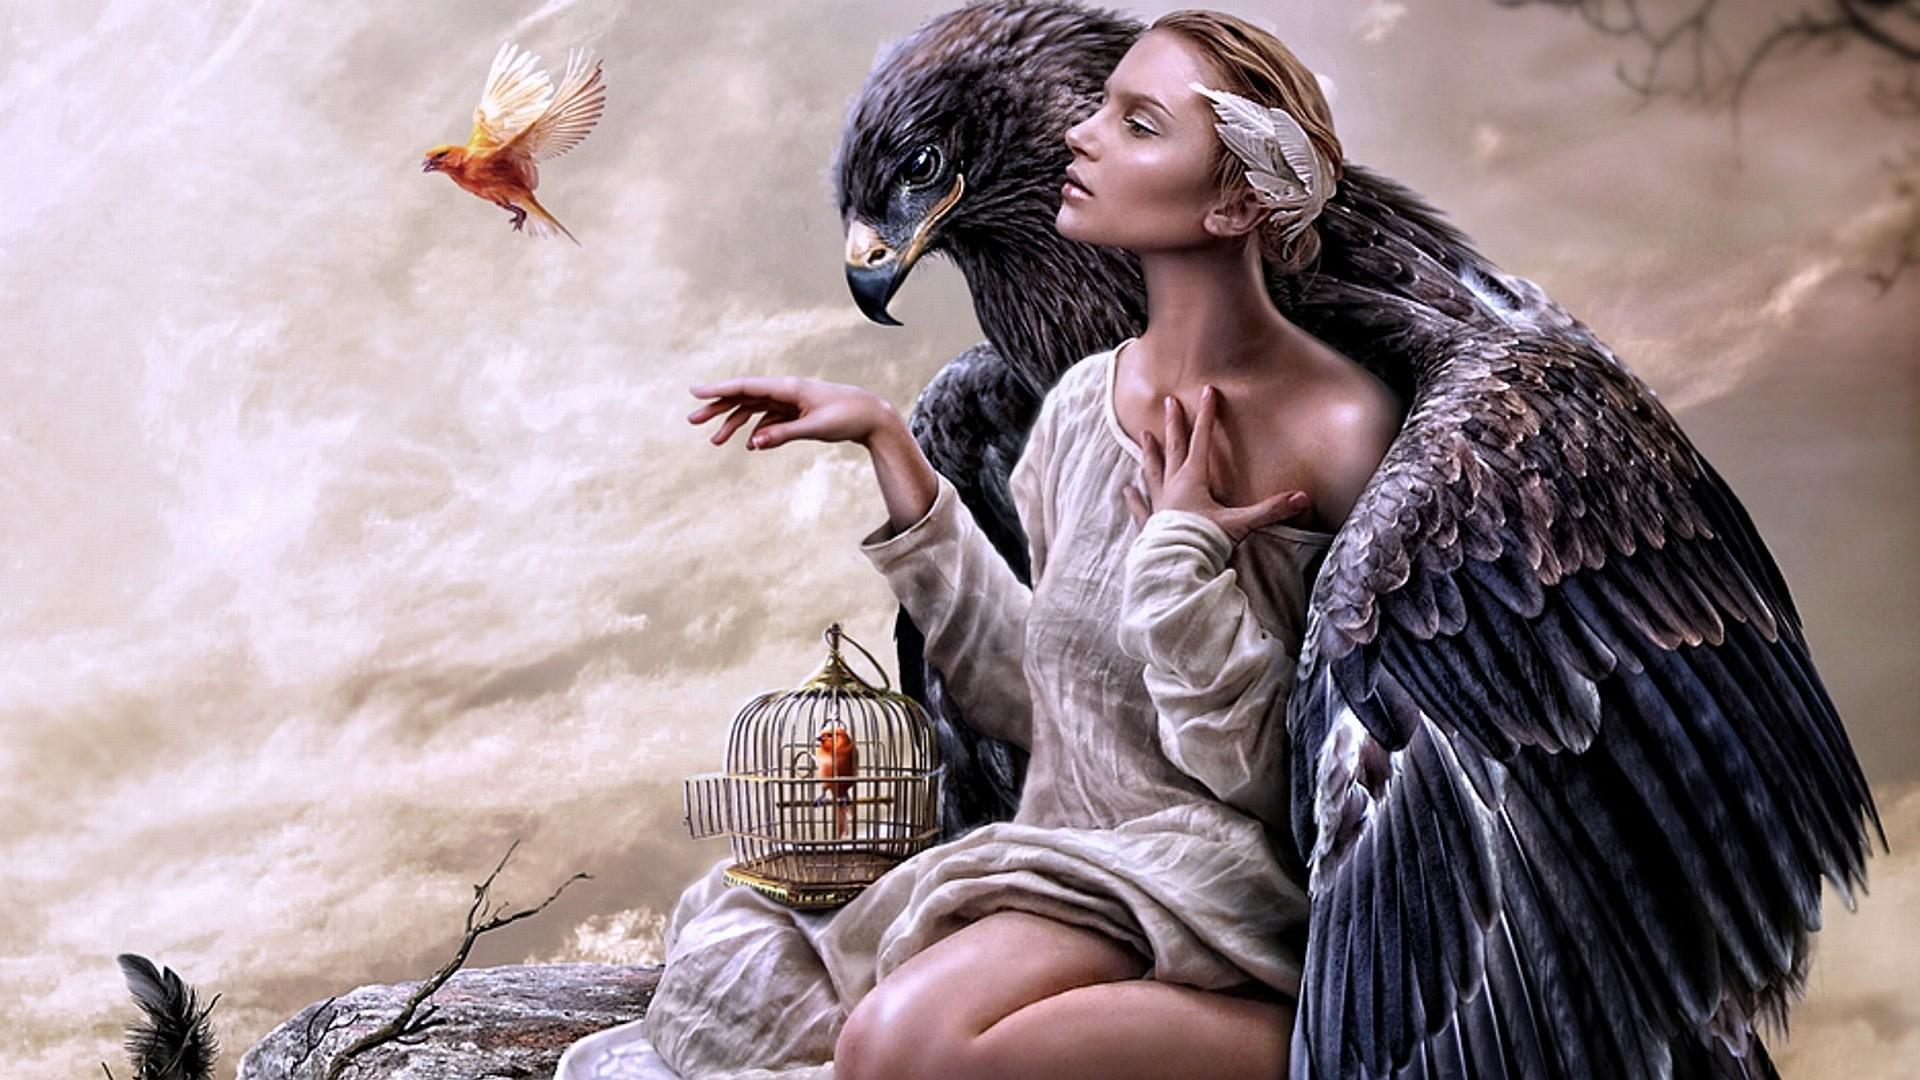 Красивые девушки фото орел и